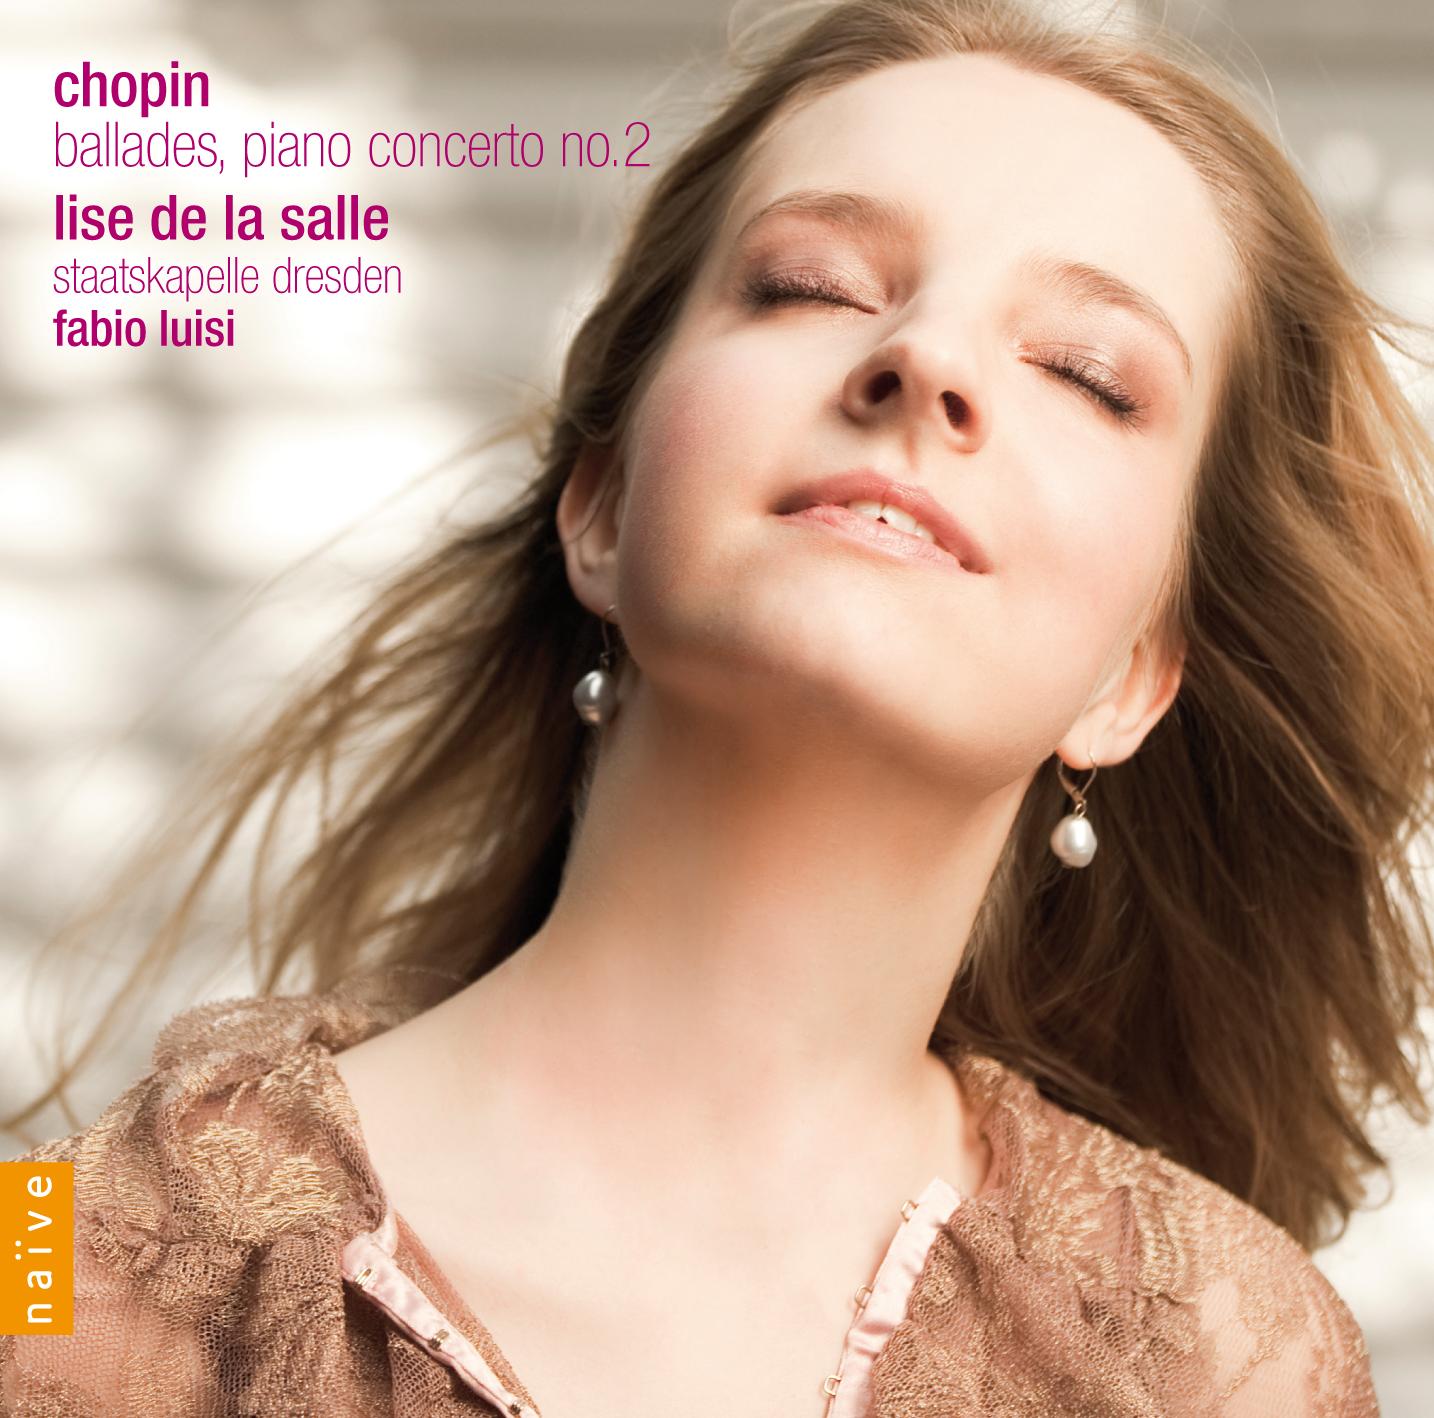 Chopin (2010)